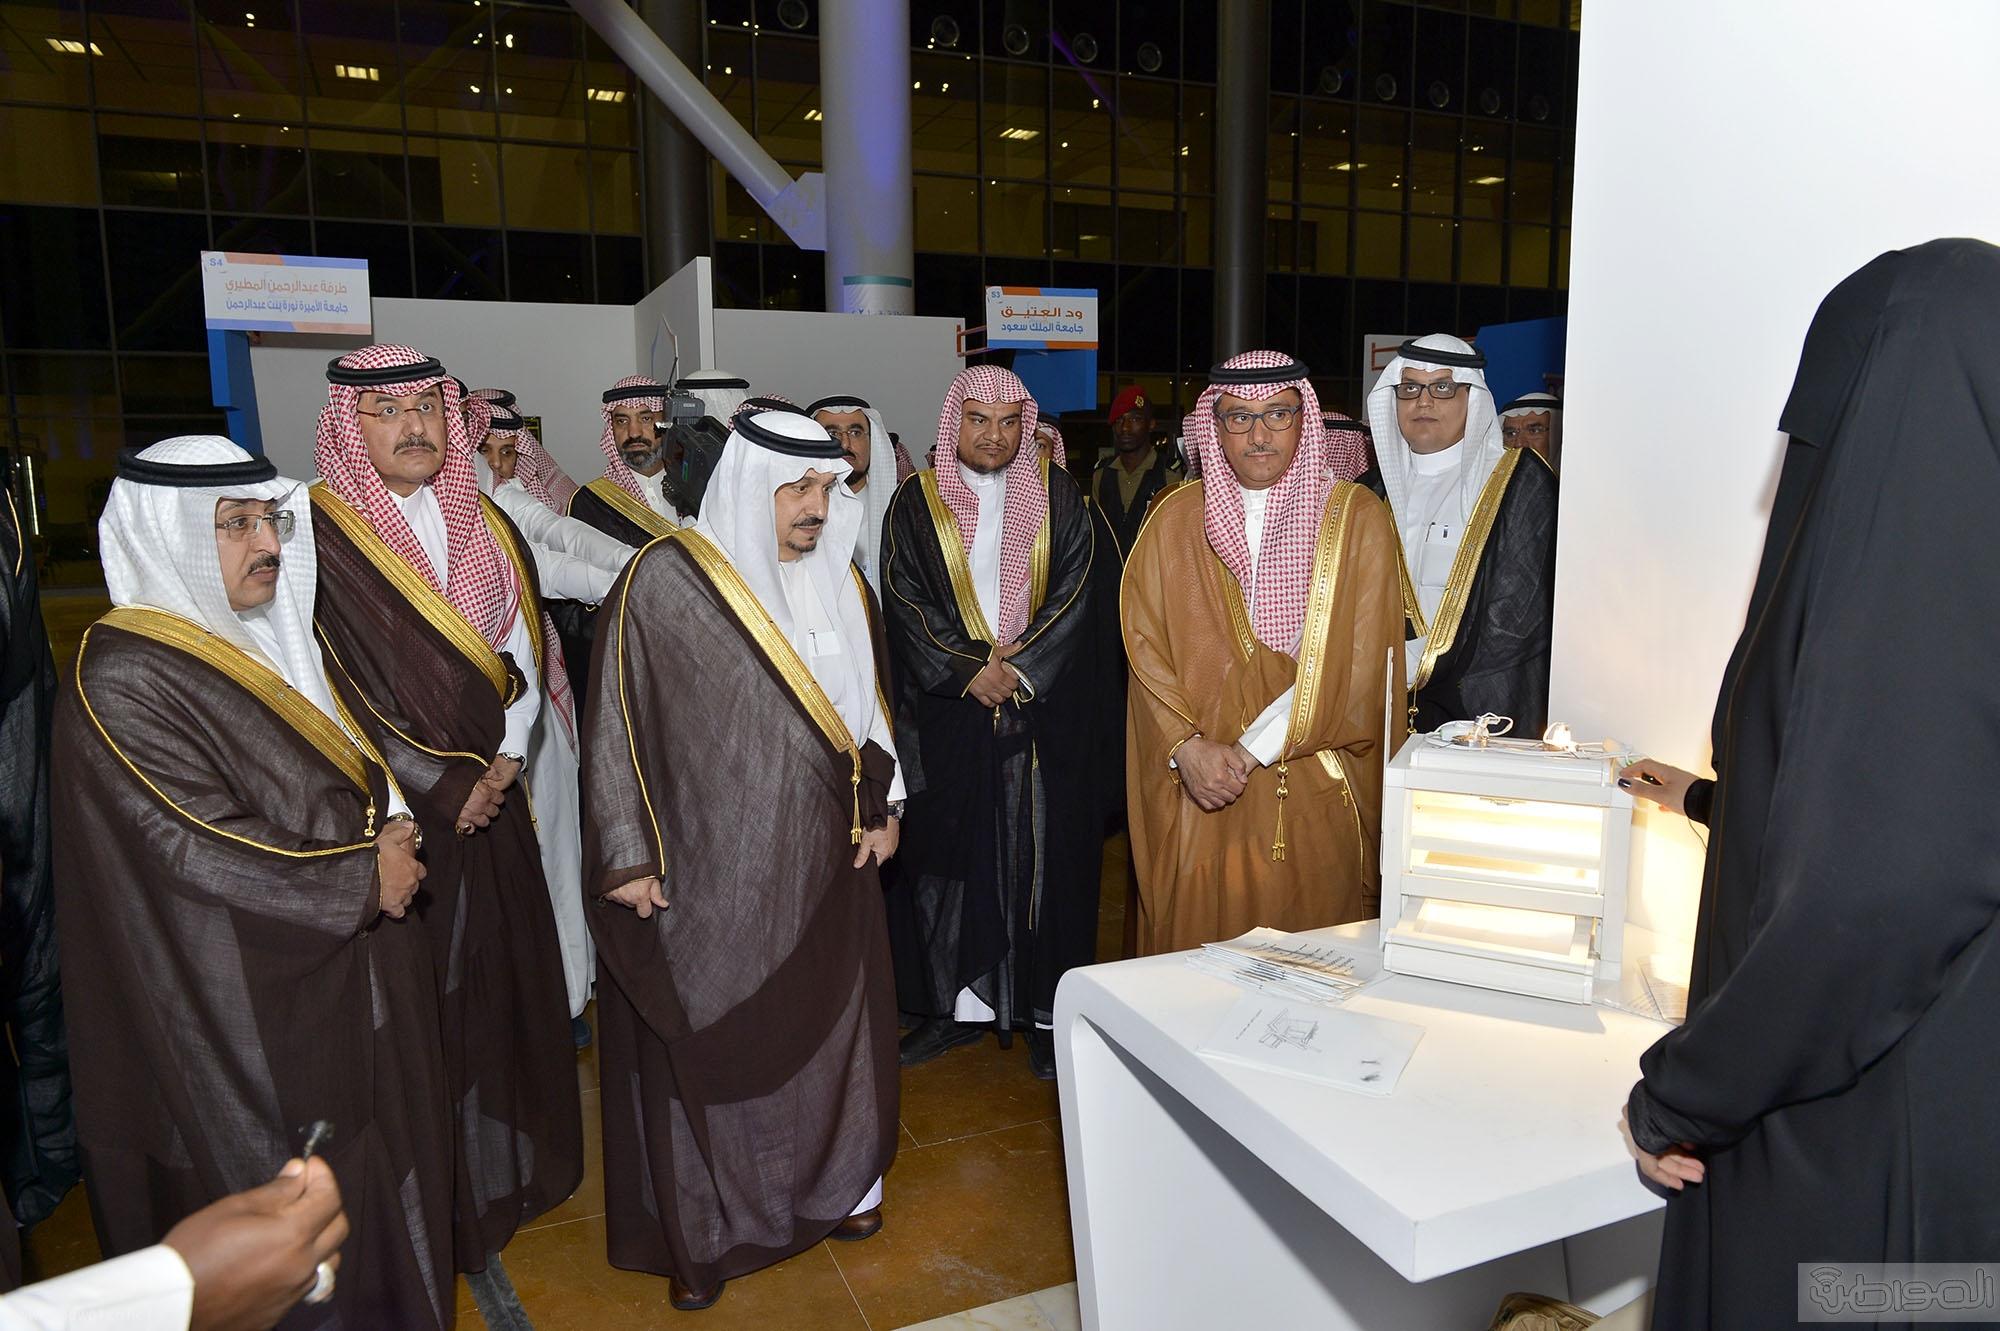 امير الرياض خلال رعاية طموح ملك لمستقبل وطن (21)